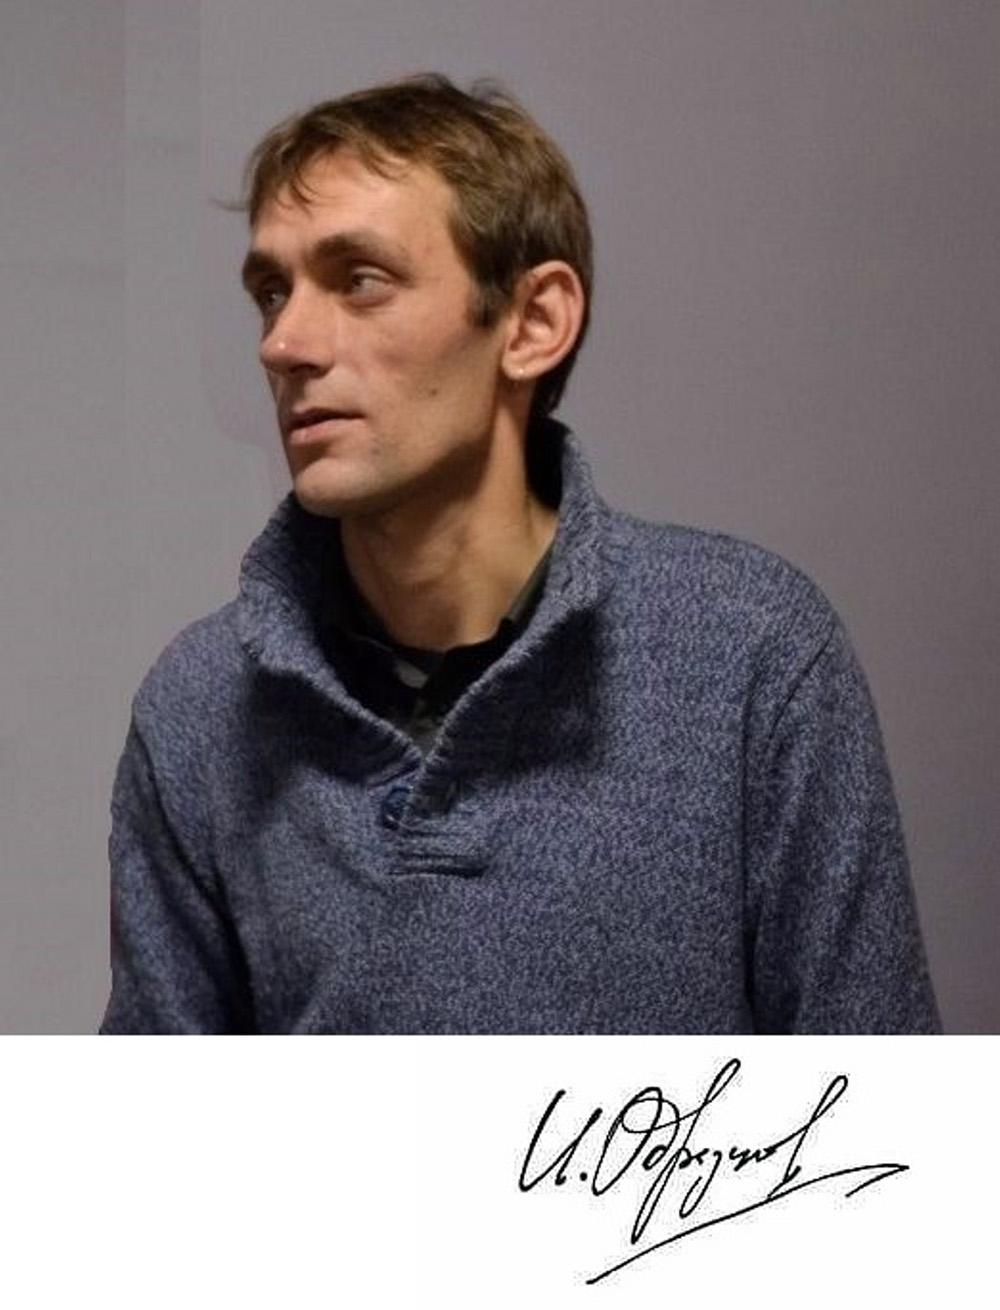 Образцов Иван Юрьевич